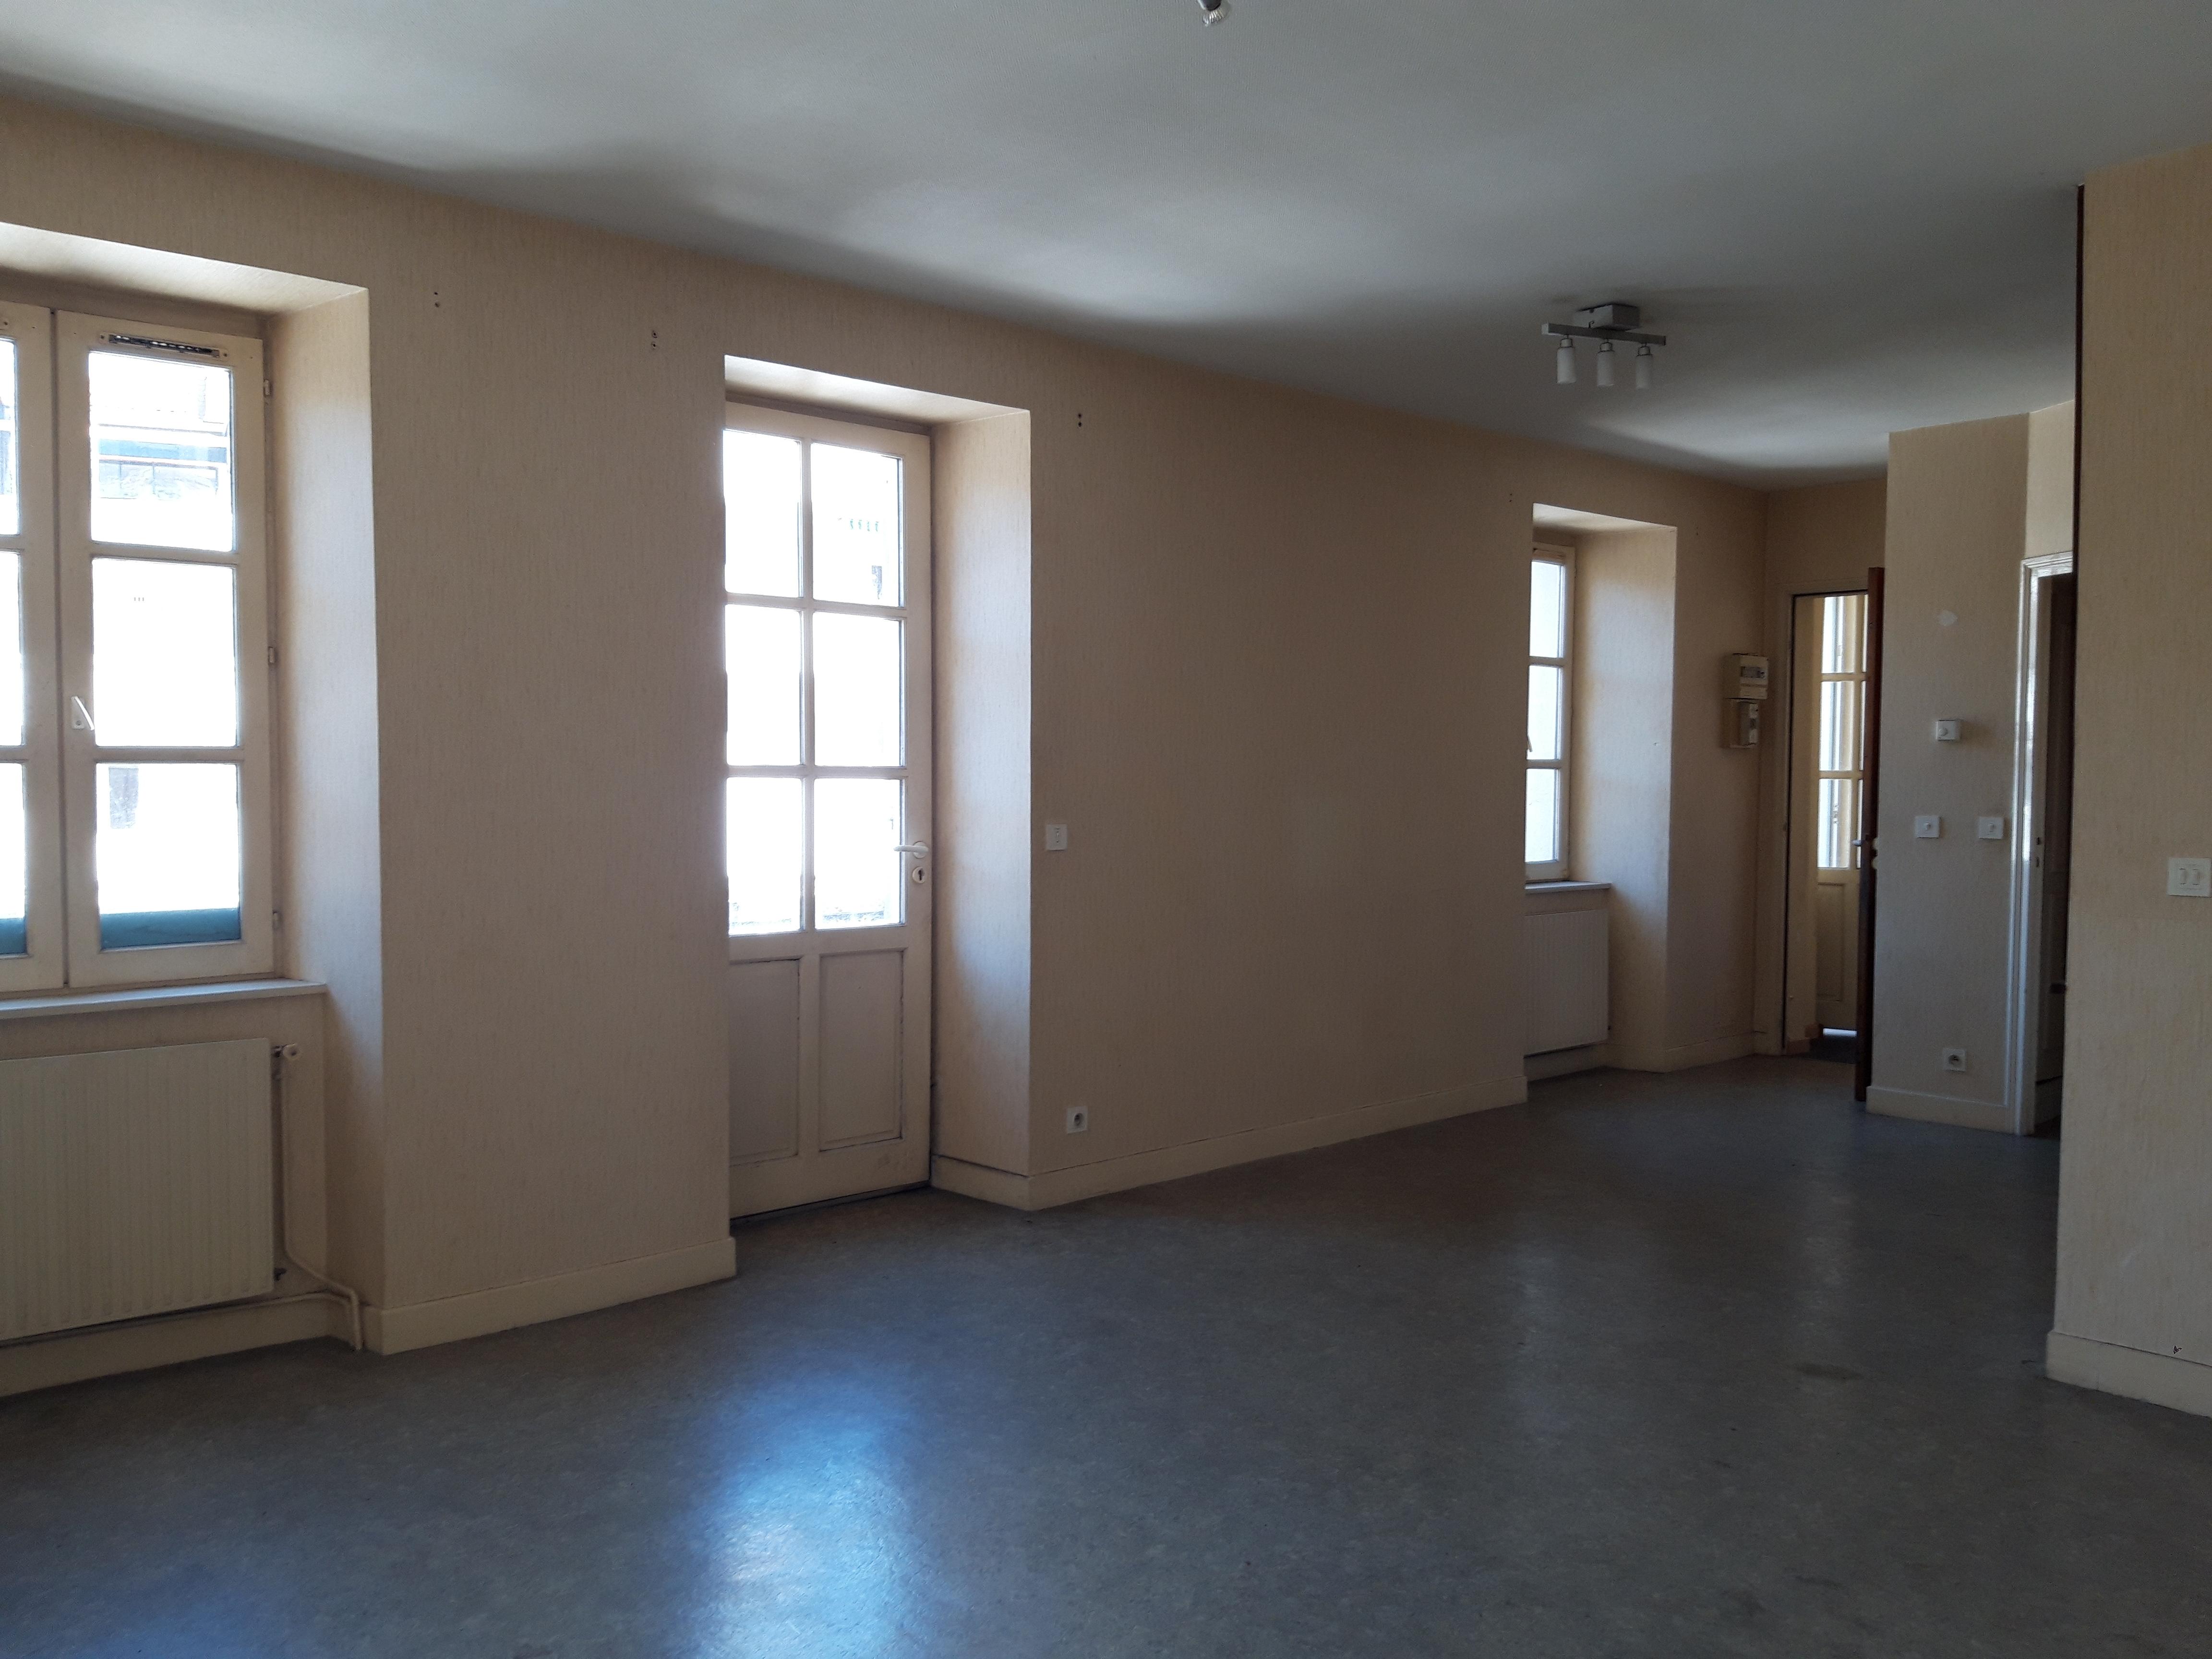 Appartement T4 triplex indépendant à vendre à FIGEAC